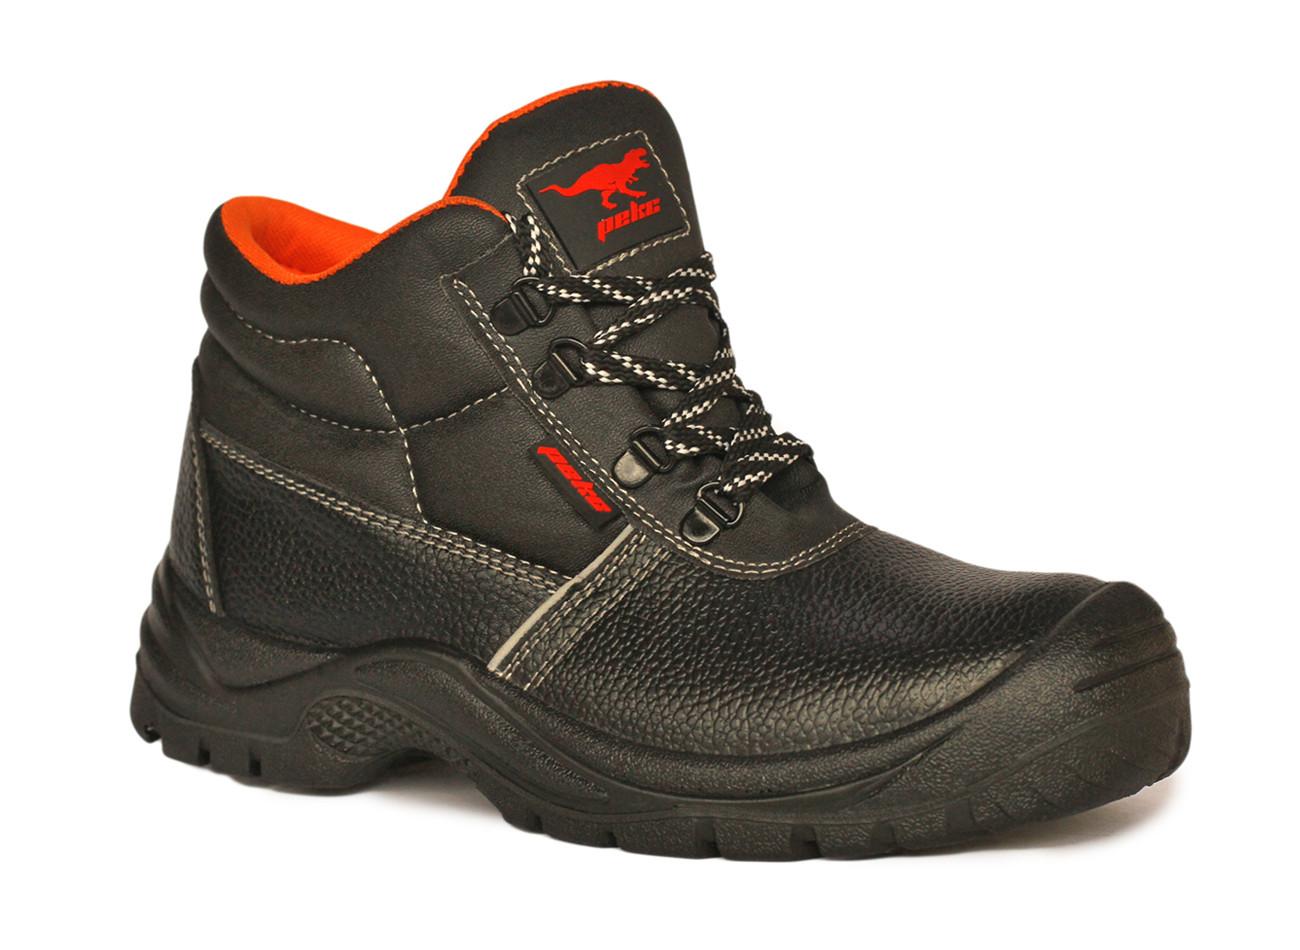 c3f6c3f2e Ботинки для рабочих РЕКС ПУ с МП, производитель Ursus Купить ...